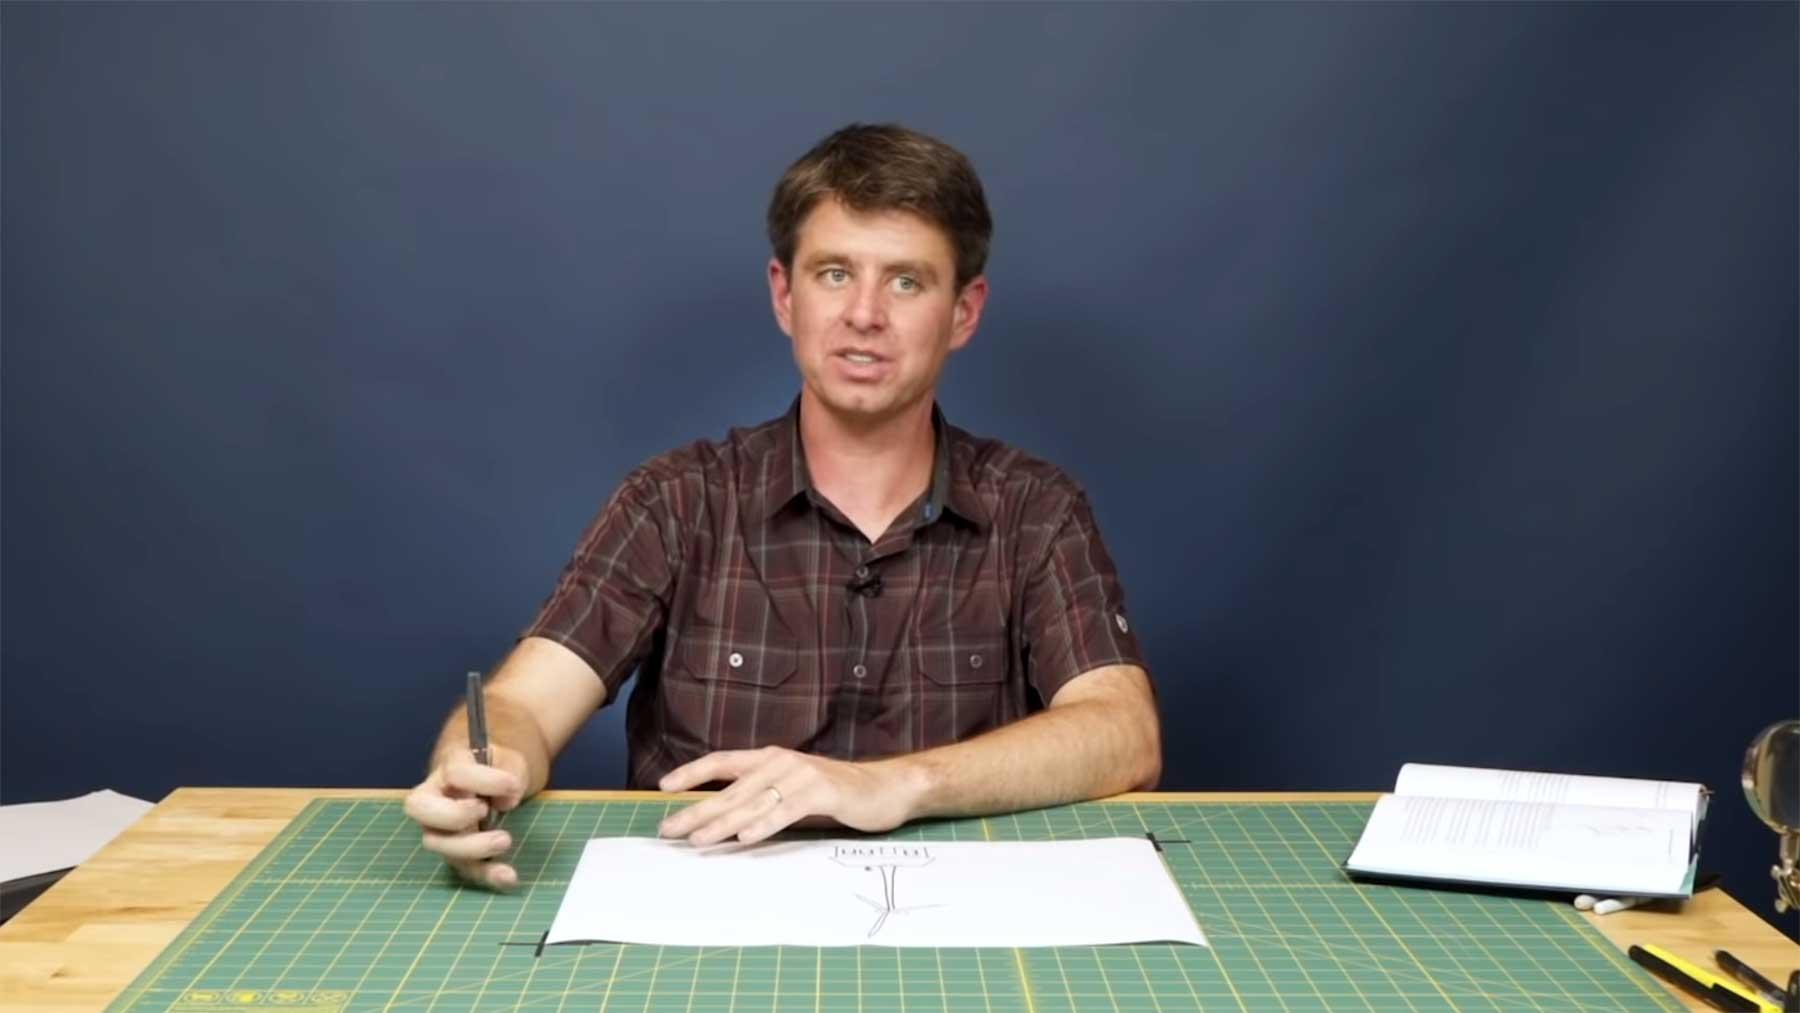 xkcd-Zeichner erklärt, wie man Strom für sein Haus generieren kann xkcd-energie-im-haus